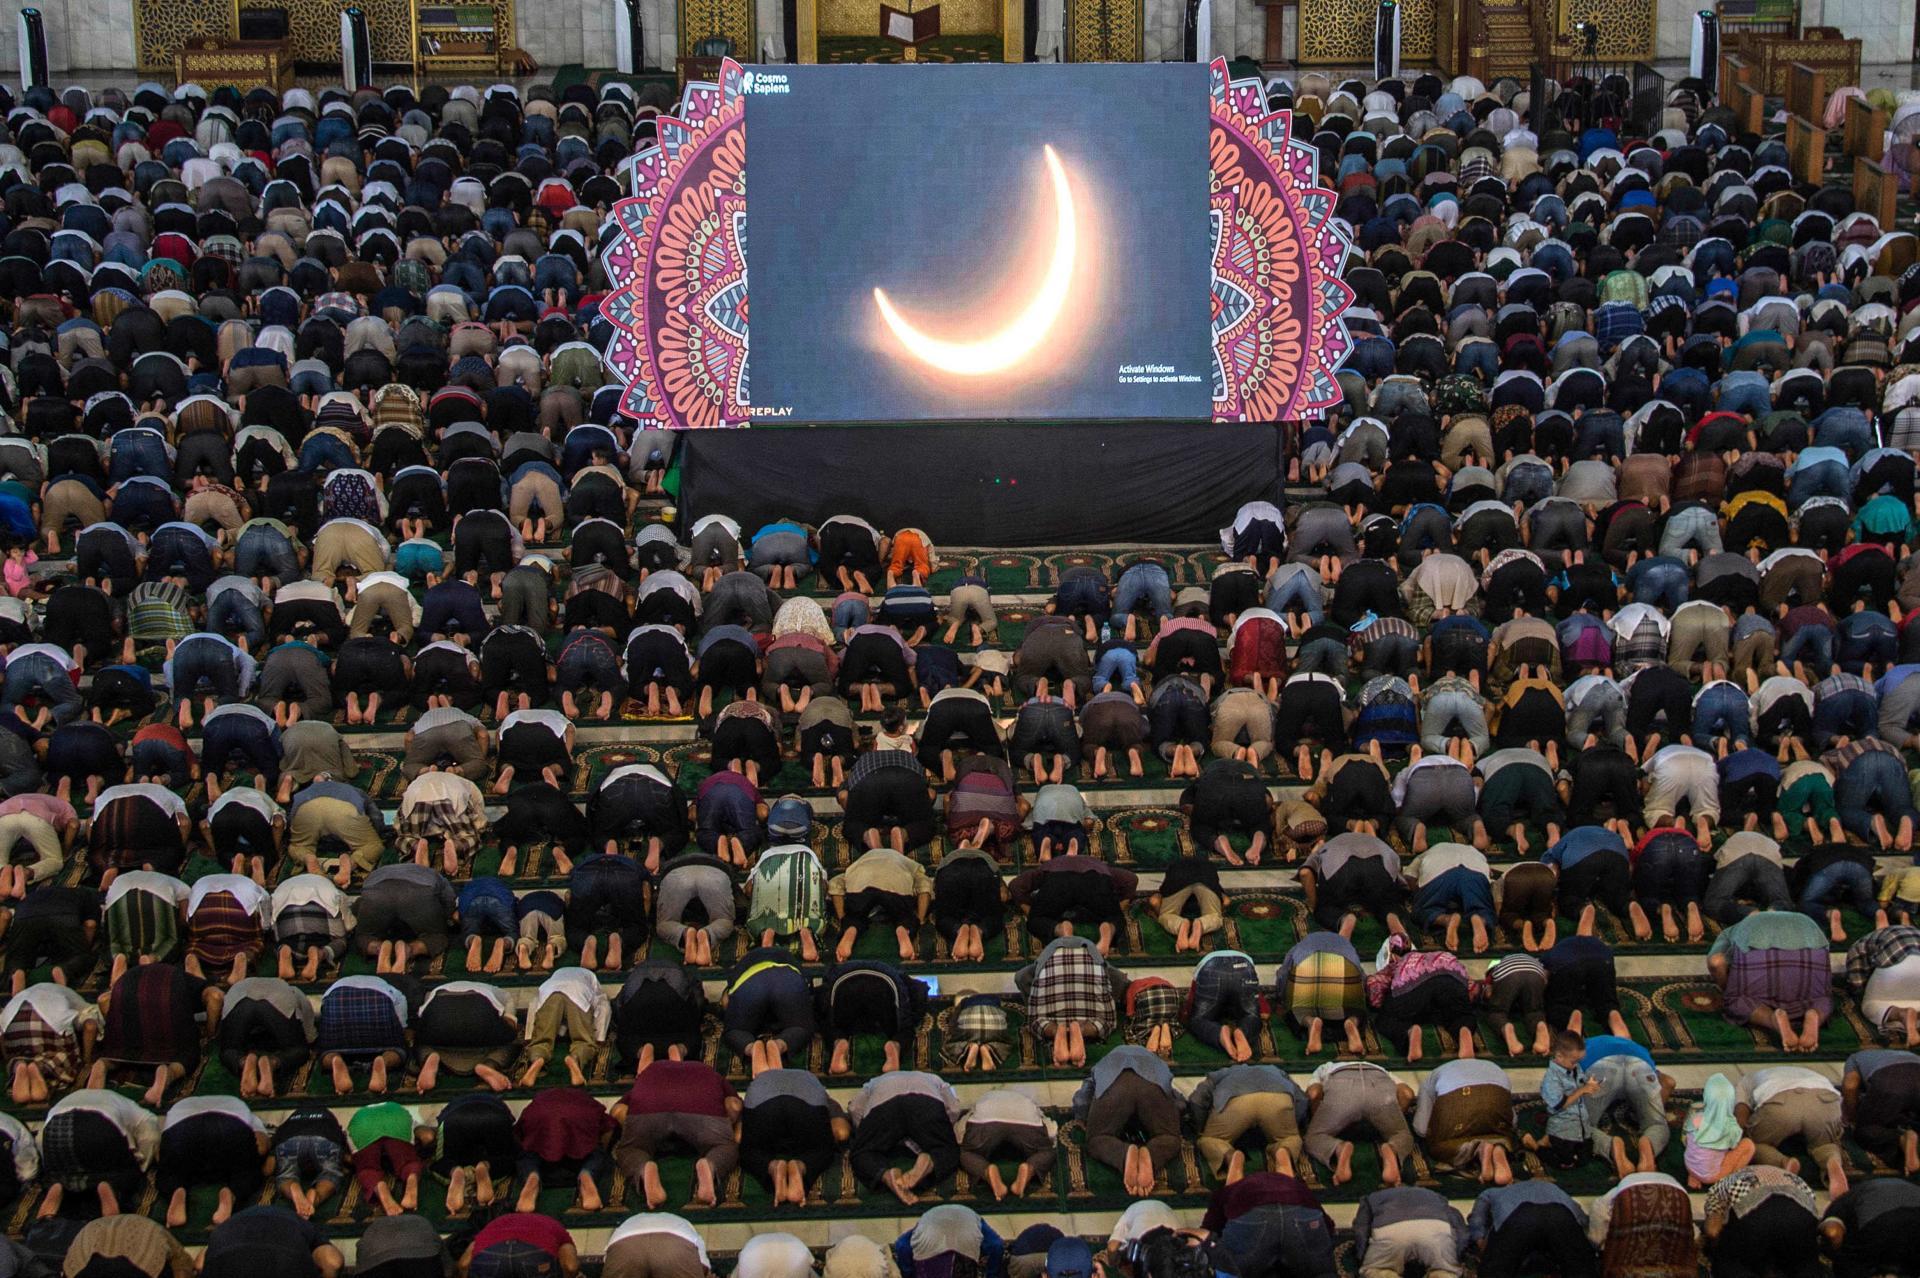 Des personnes prient devant la retransmission de l'éclipse, àSurabaya (Indonésie), le 26 décembre.